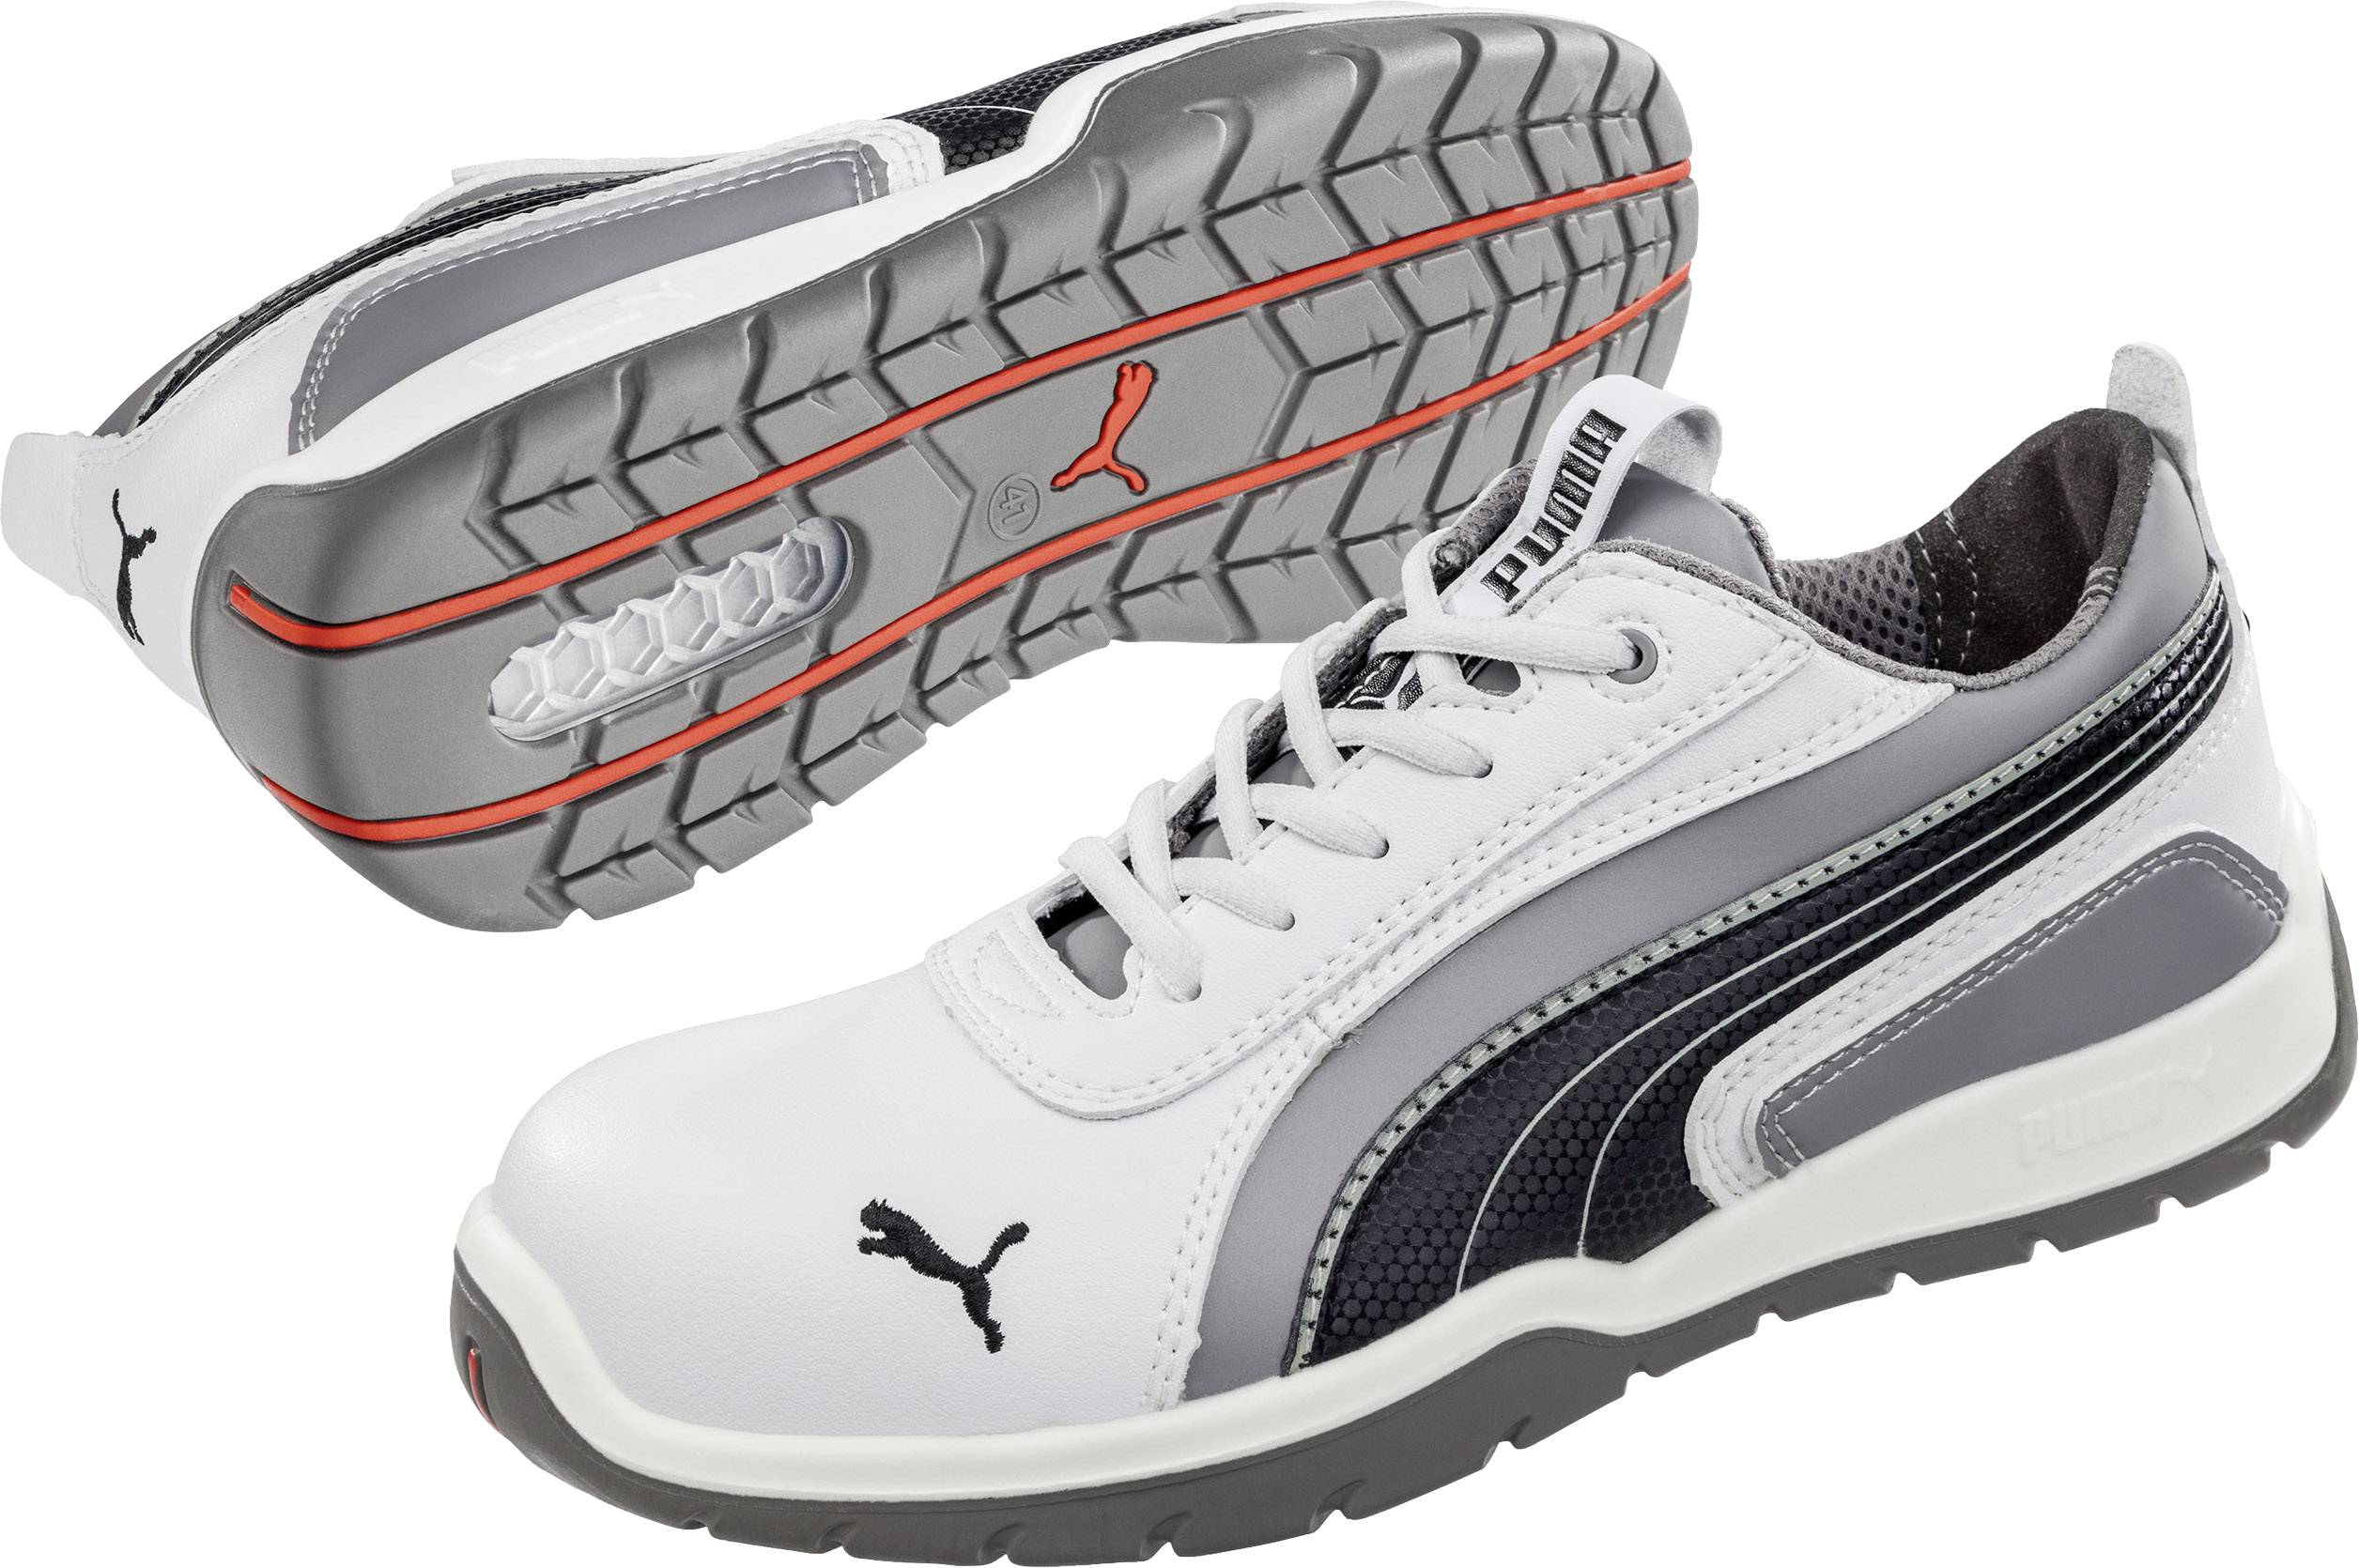 Nízká bezpečnostní obuv PUMA Safety Monaco Low 642650, S3, vel. 41, 1 pár